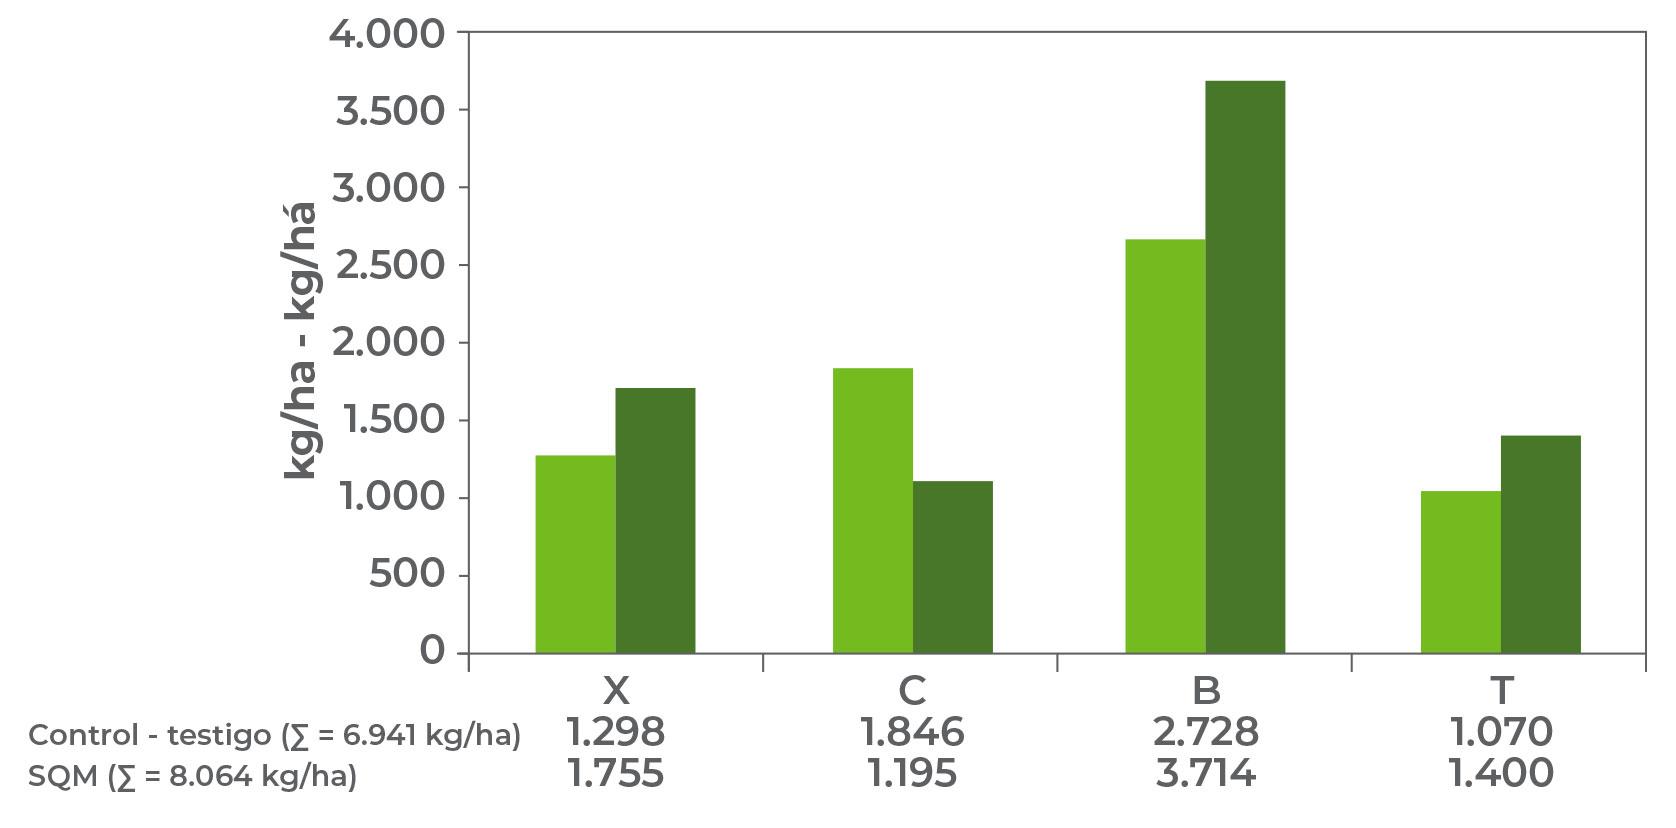 Comparación entre los ingresos brutos por calidad de hoja y en total.